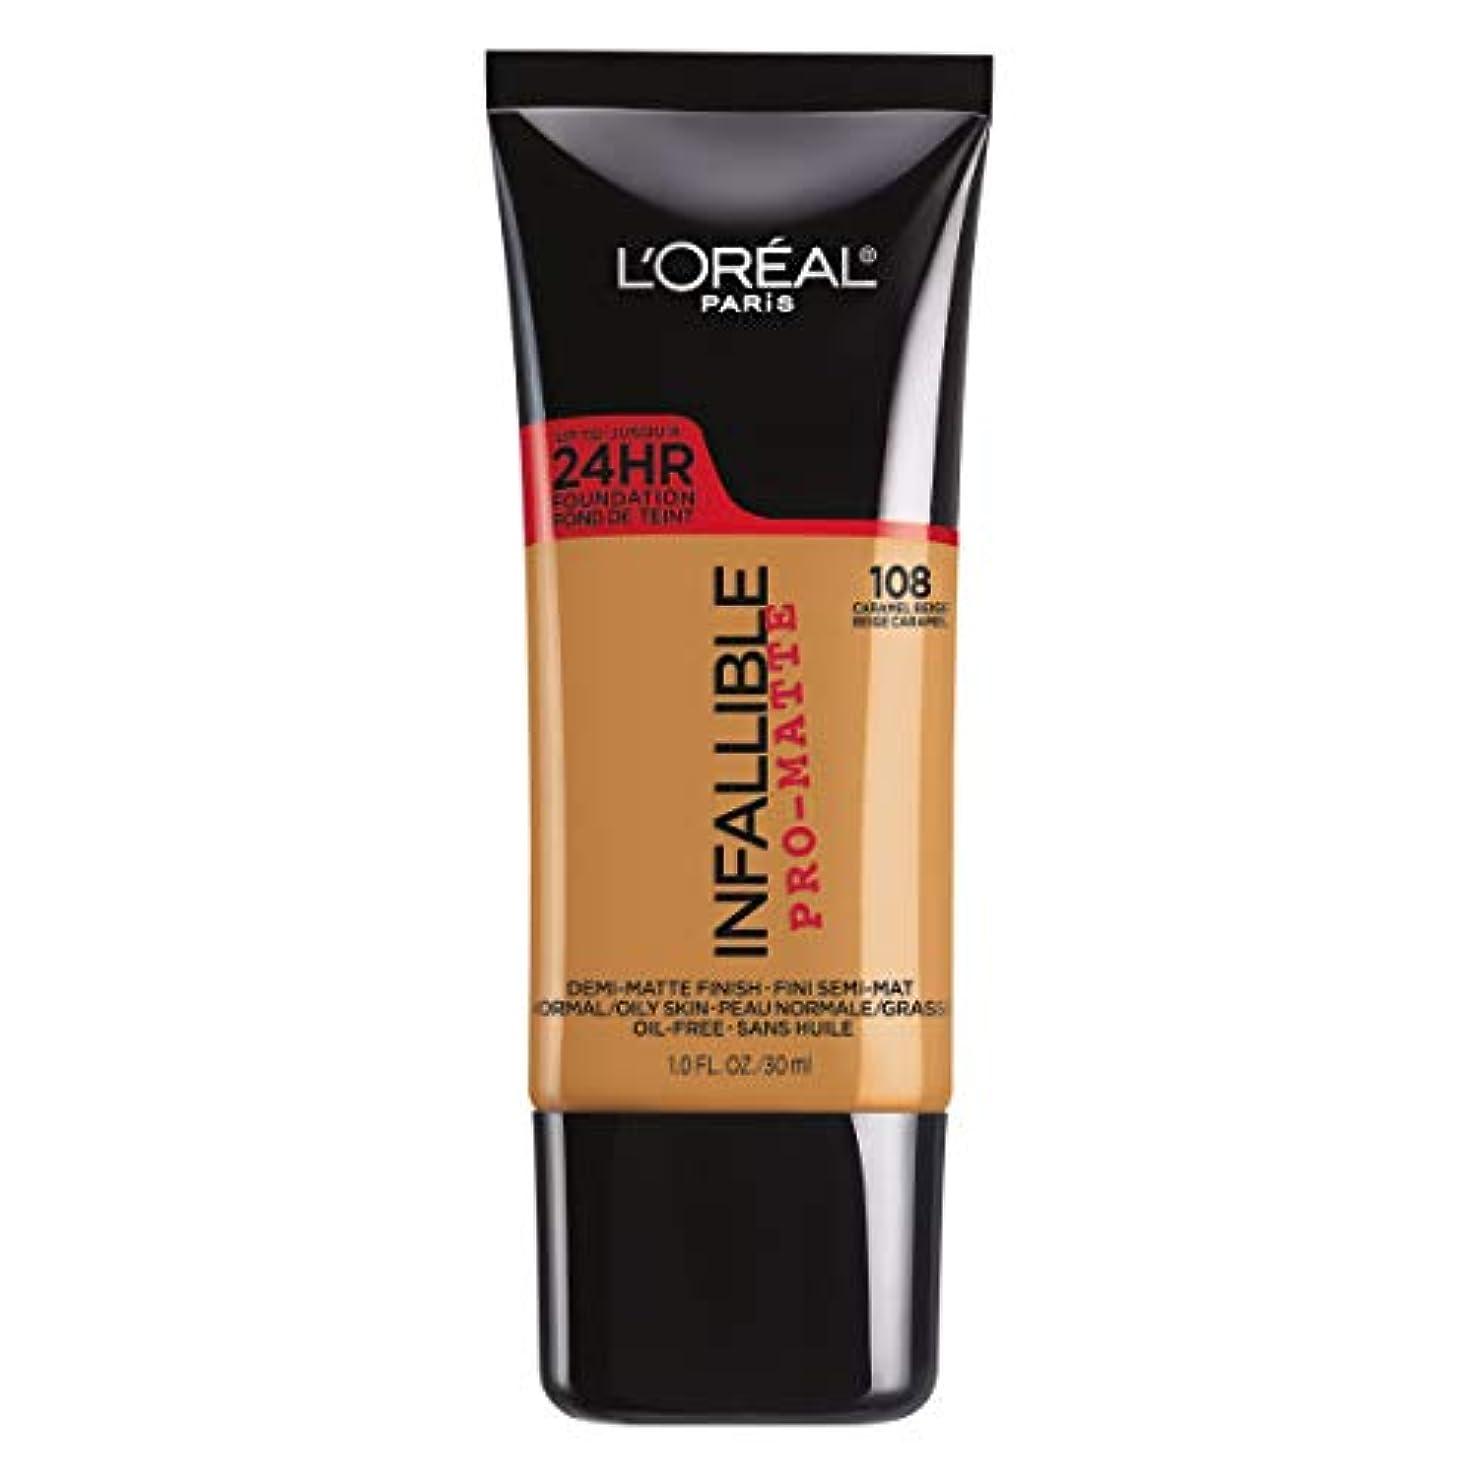 食い違い回転する通知L'Oreal Paris Infallible Pro-Matte Foundation Makeup, 108 Caramel Beige, 1 fl. oz[並行輸入品]